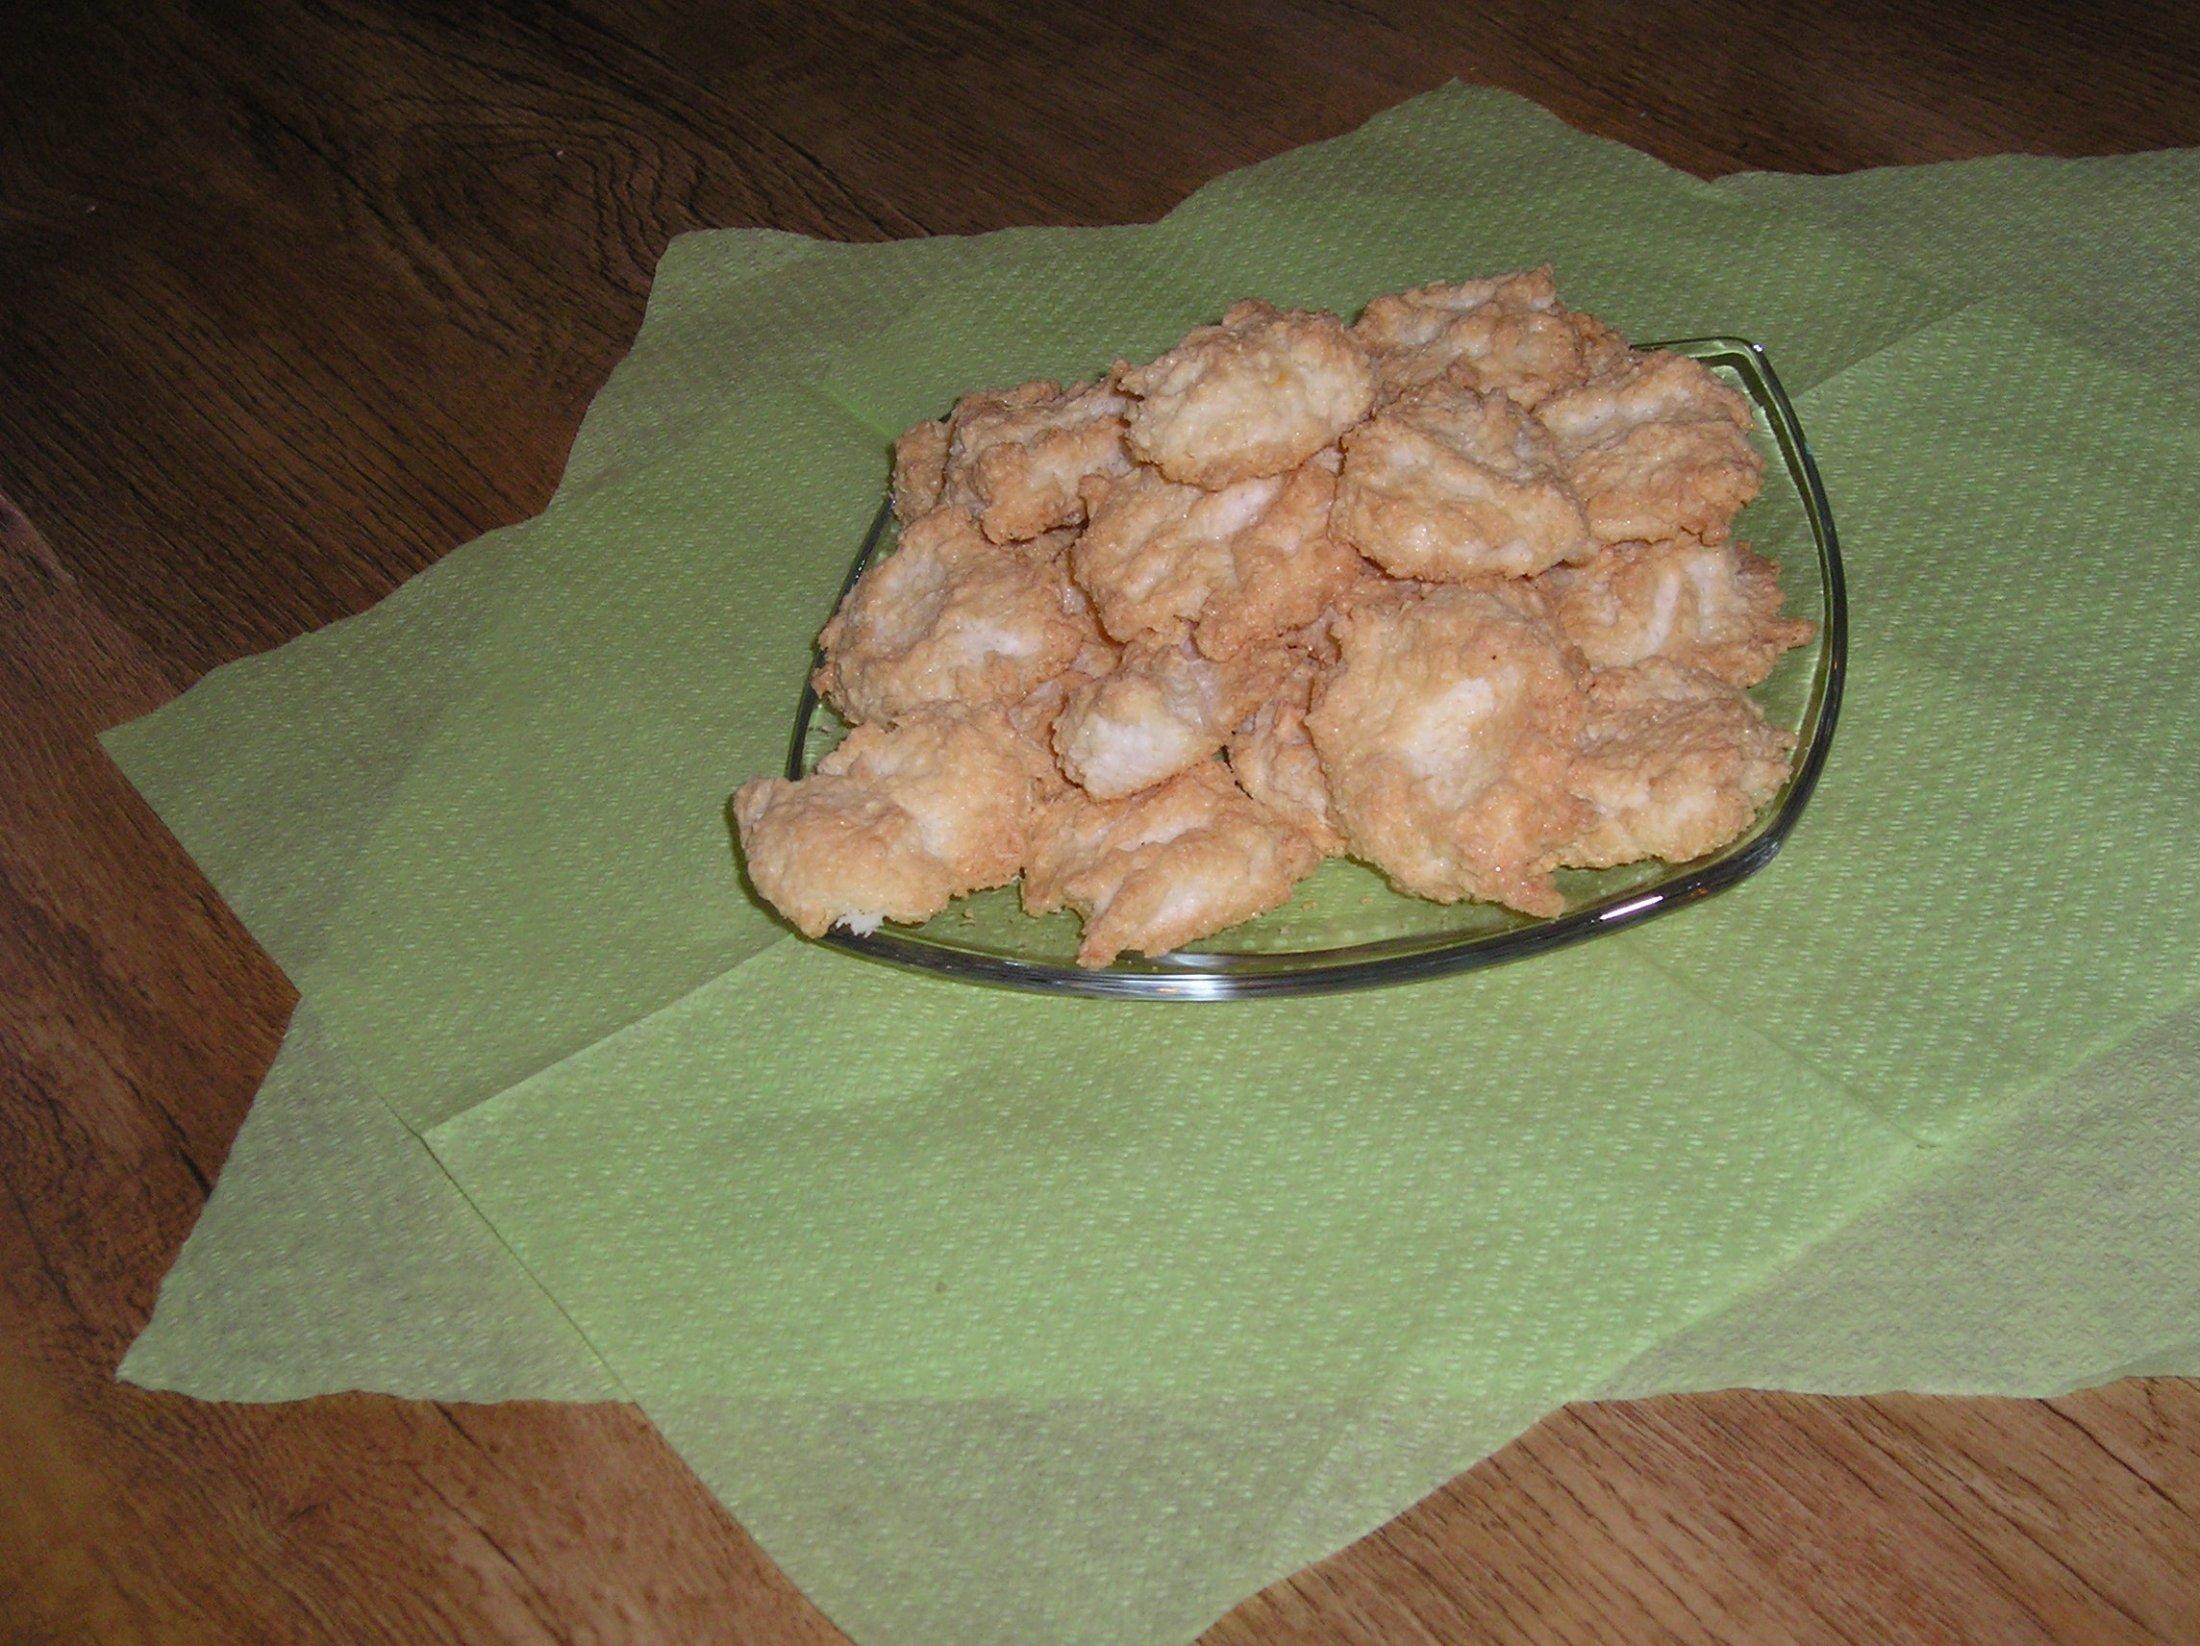 Recept Kokosové pusinky - Není třeba komentář, fakt úžasné kokosky.